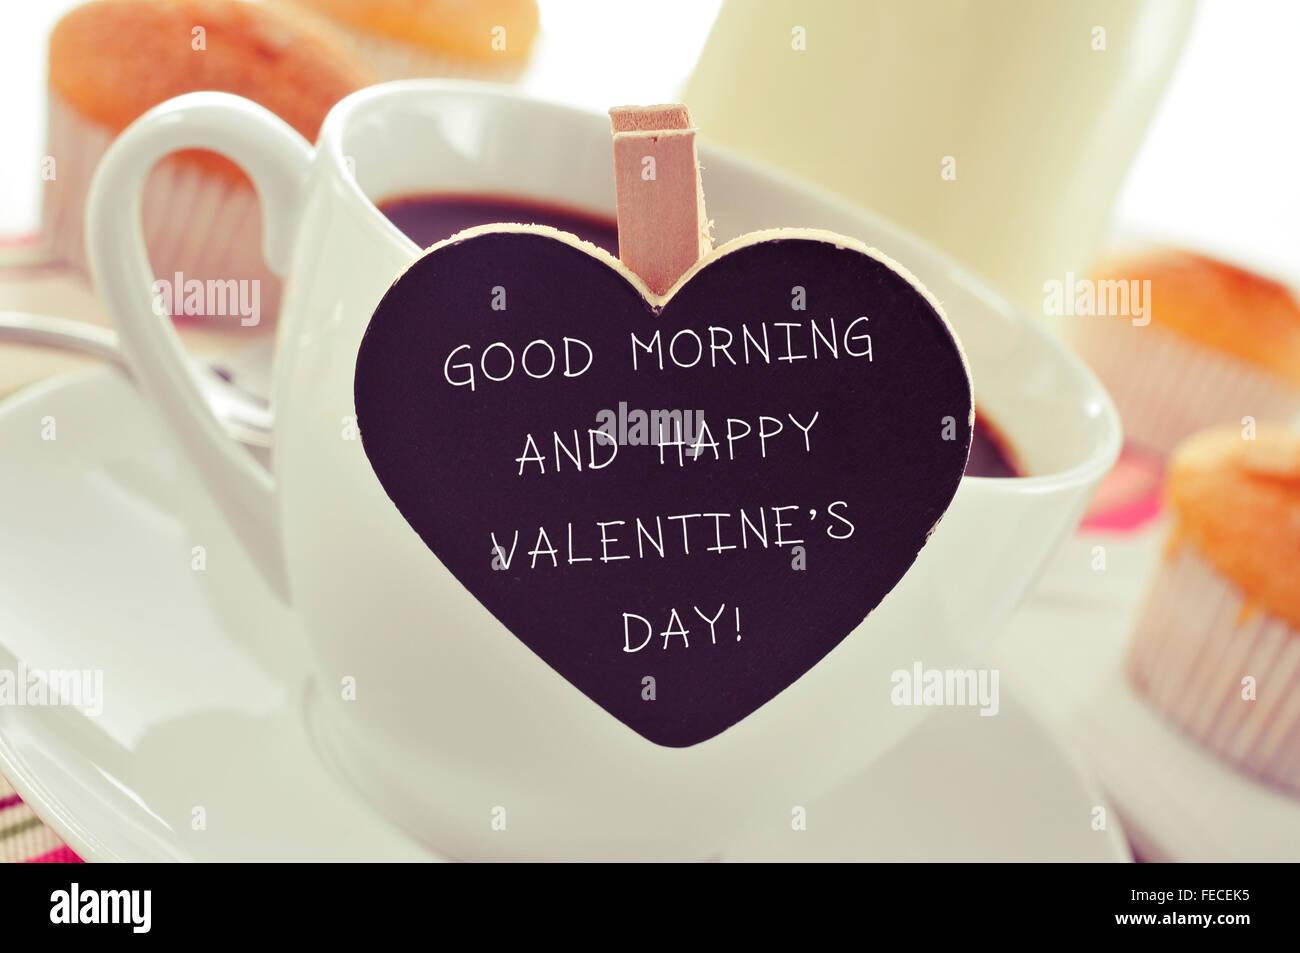 Nahaufnahme Einer Porzellan Tasse Kaffee Mit Ein Herzförmiges Schild Mit  Dem Text, Guten Morgen Und Glücklich Valentinstag Auf Einer Registerkarte